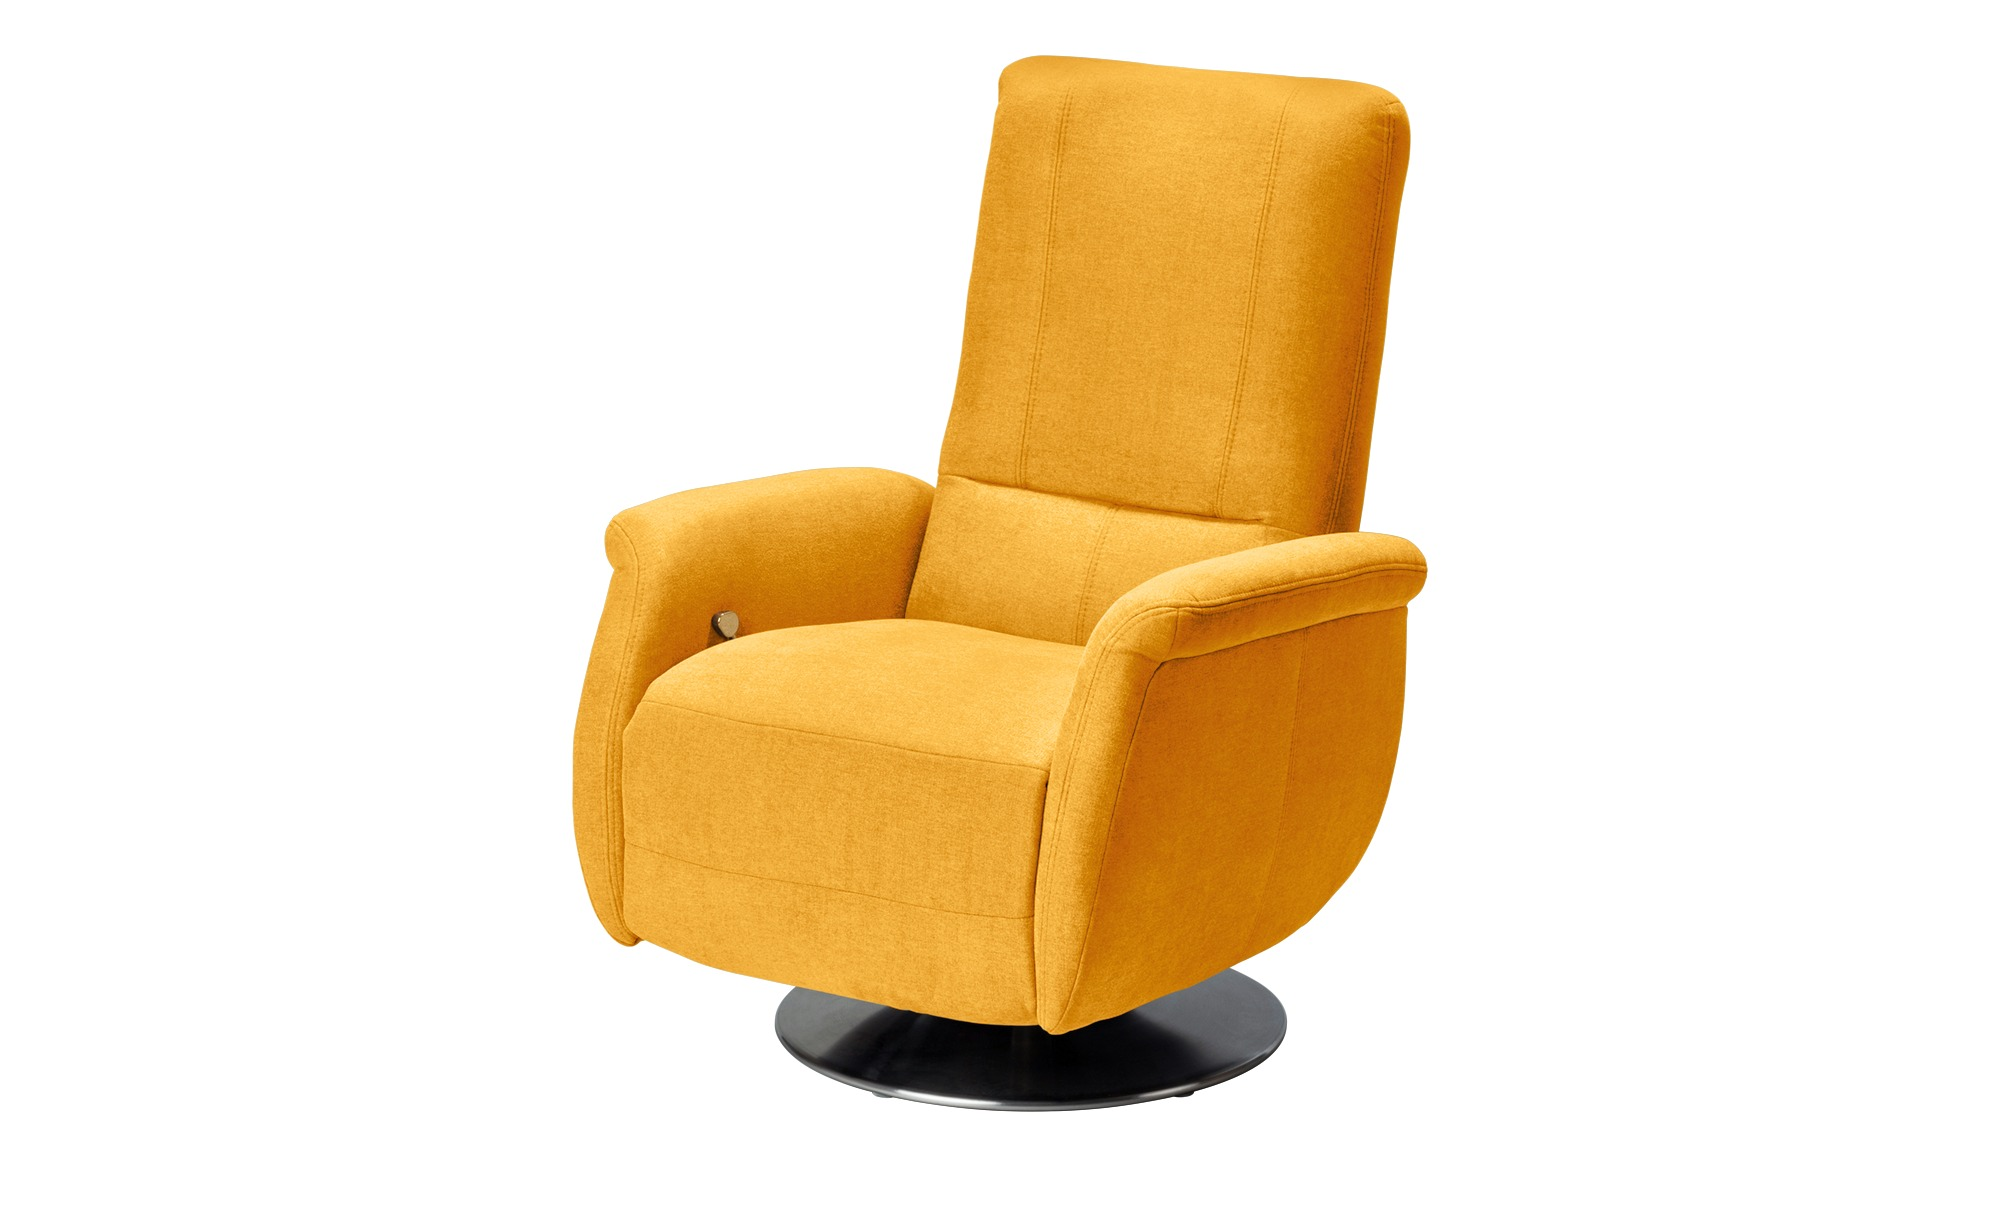 meinSofa Relaxsessel gelb - Stoff Felix-S ¦ gelb Polstermöbel > Sessel > Fernsehsessel - Höffner